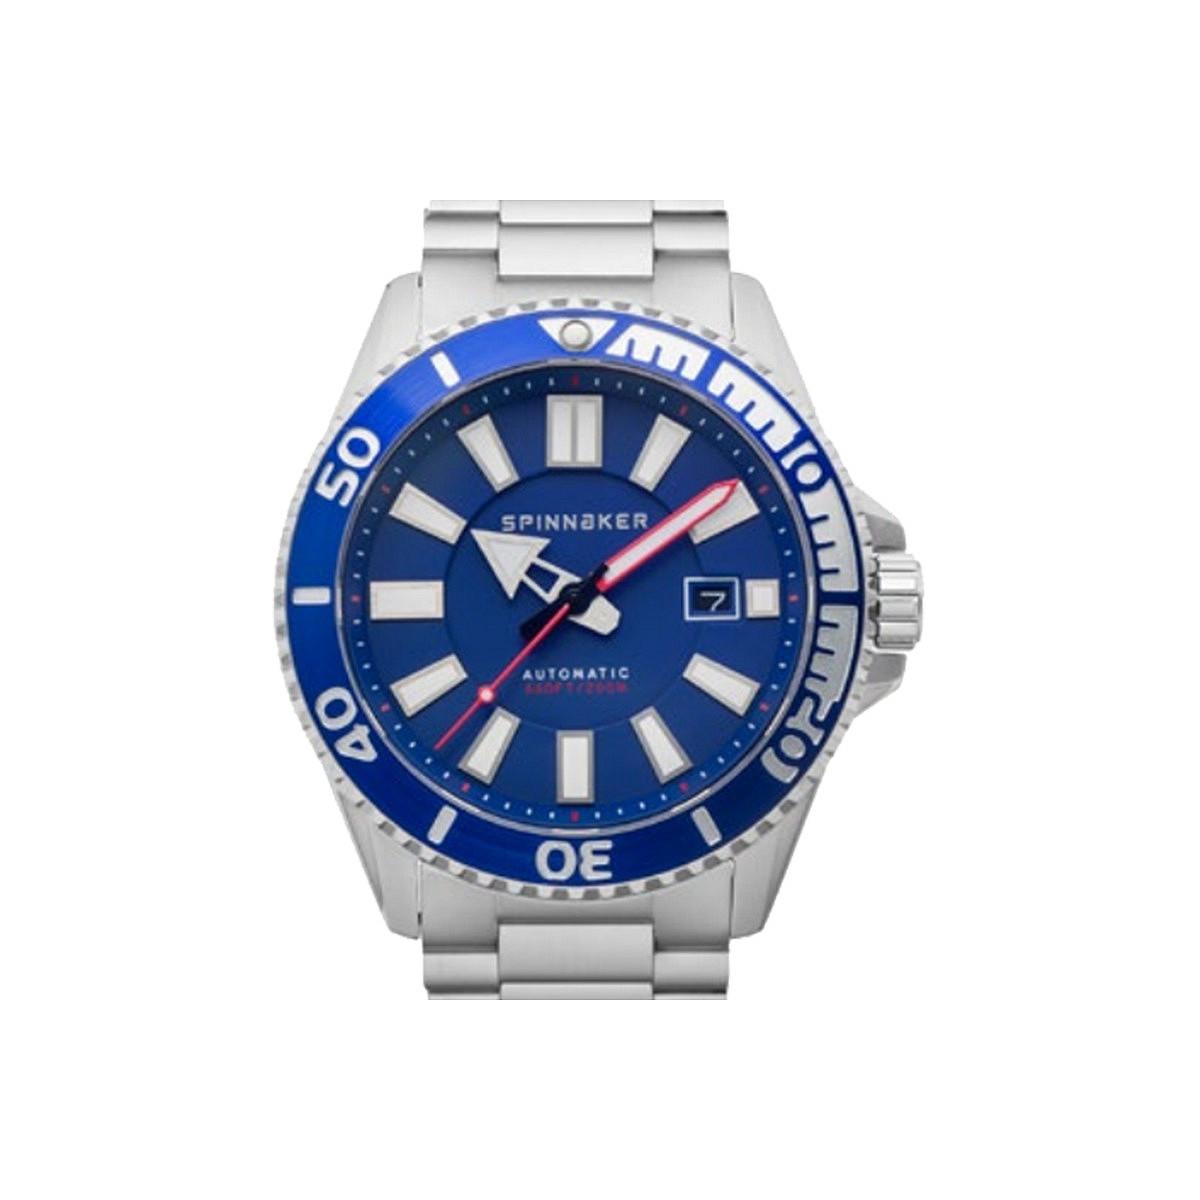 Montre Homme Spinnaker AMALFI Automatique Cadran bleu Bracelet acier